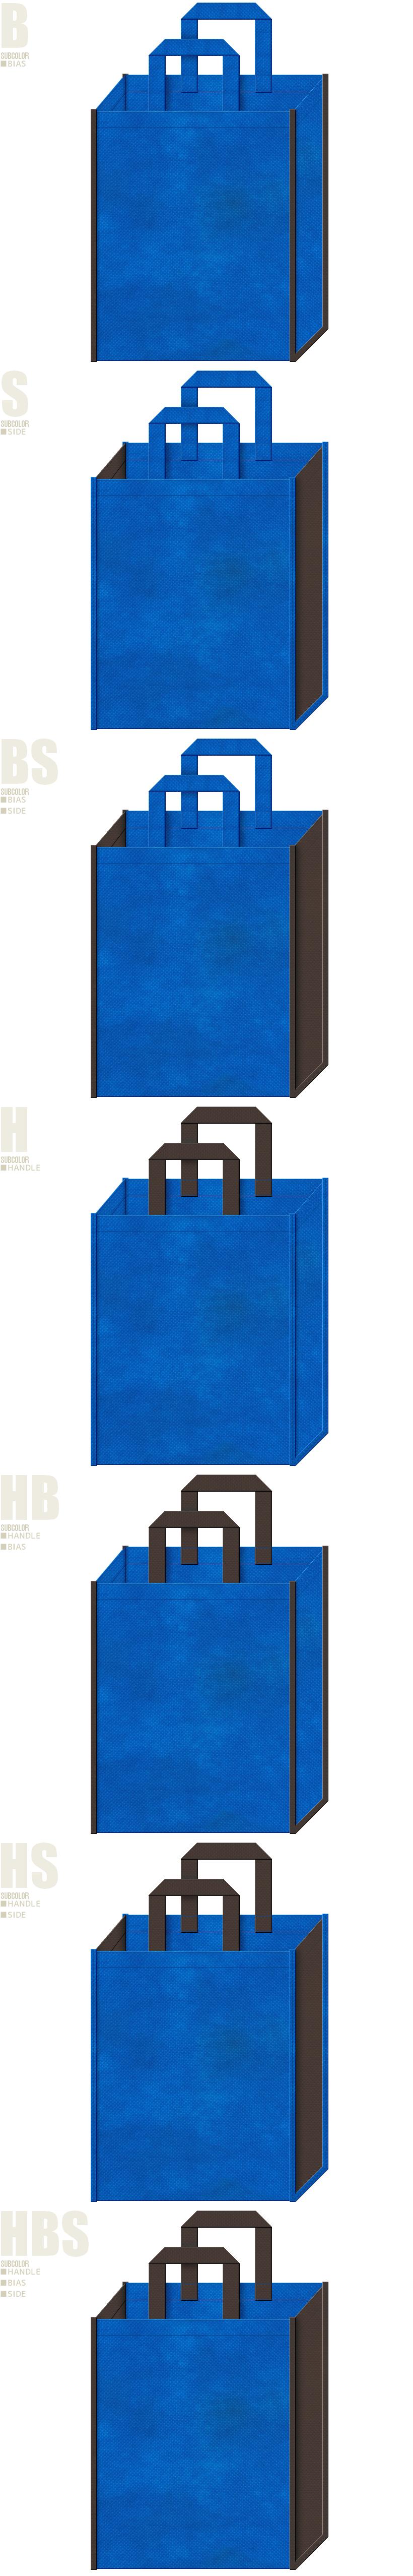 不織布トートバッグのデザイン例-不織布メインカラーNo.22+サブカラーNo.40の2色7パターン